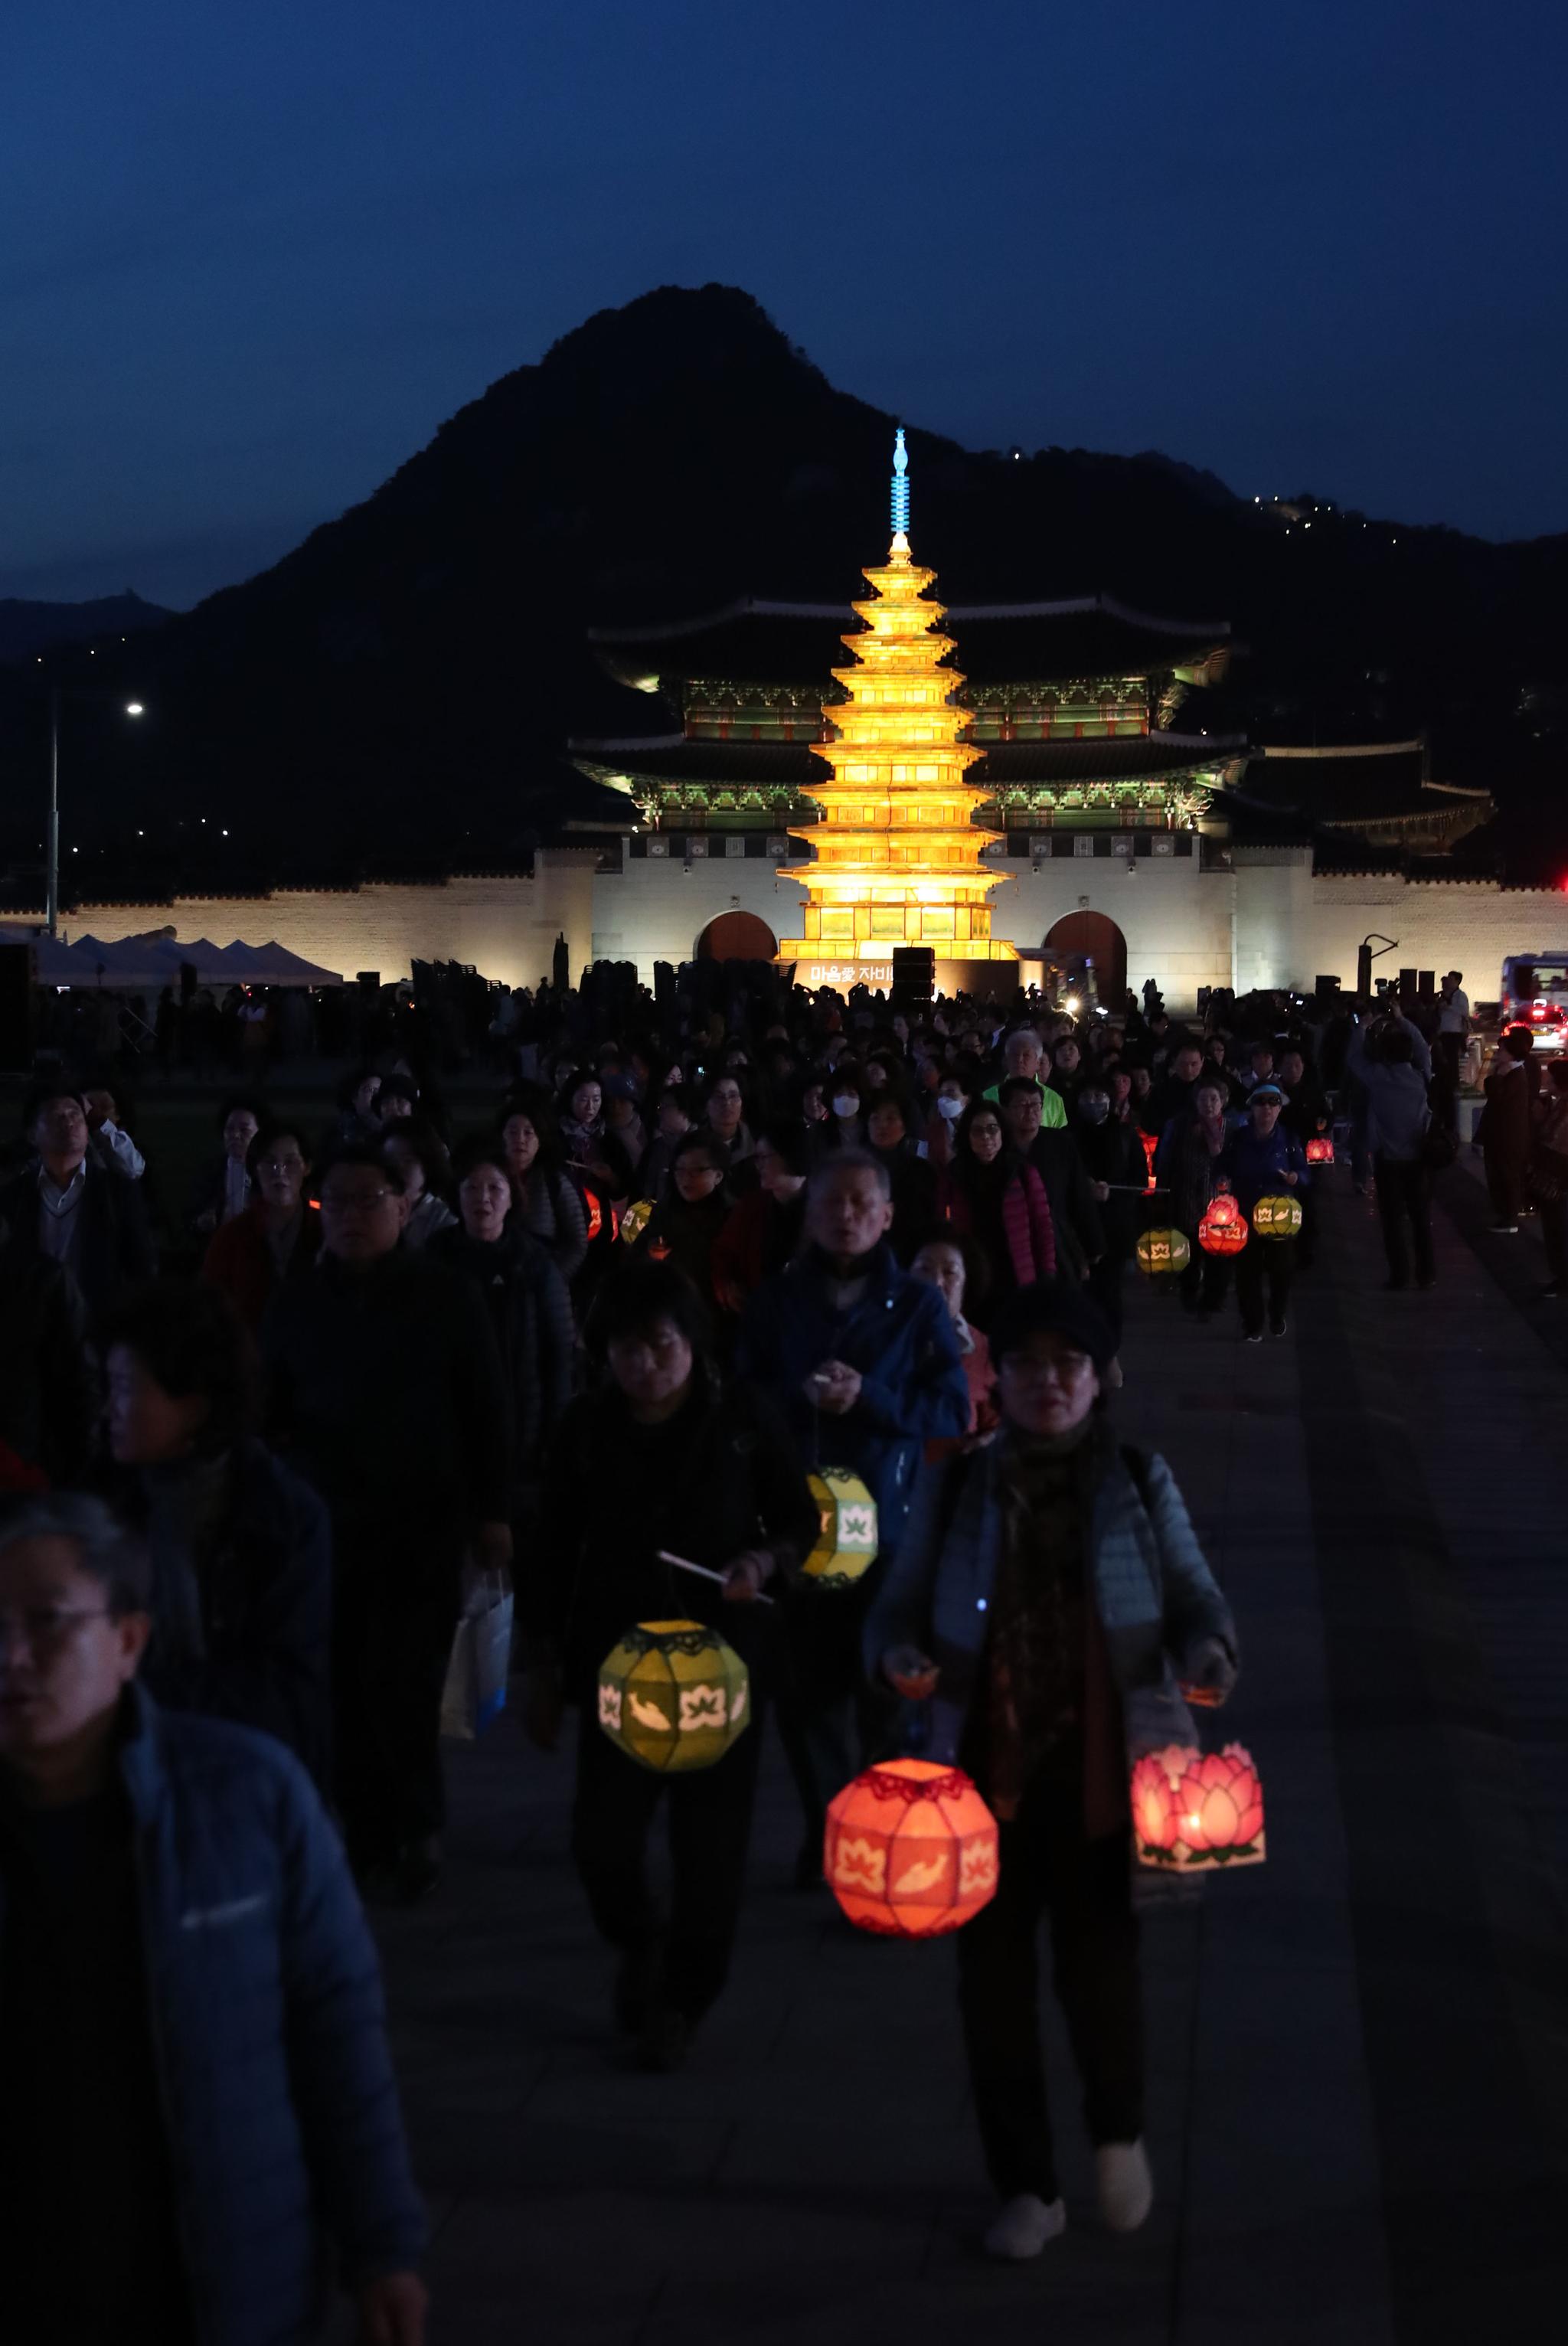 이날 점등식에는 불교 관계자를 포함하여 시민 2000여명이 참석했다. 우상조 기자